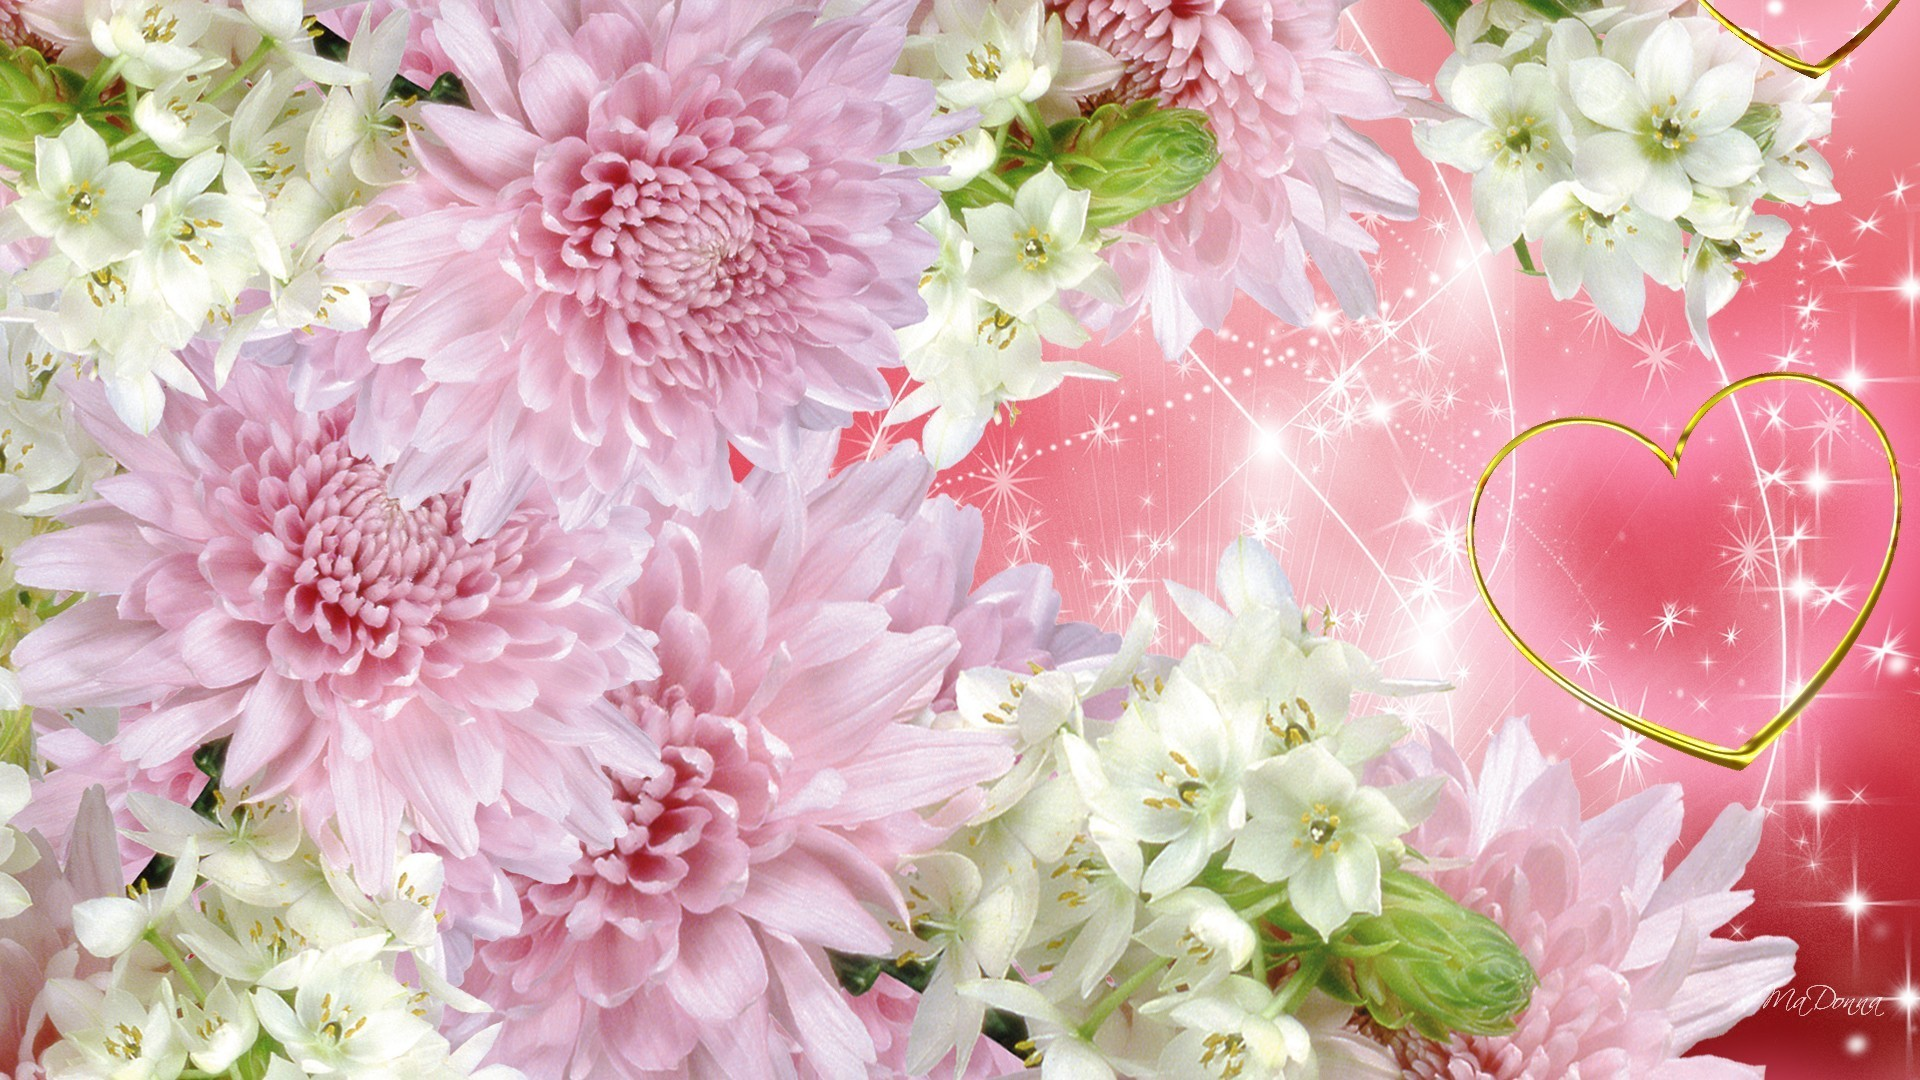 Гиф надписями, картинка с хризантемами для открытки